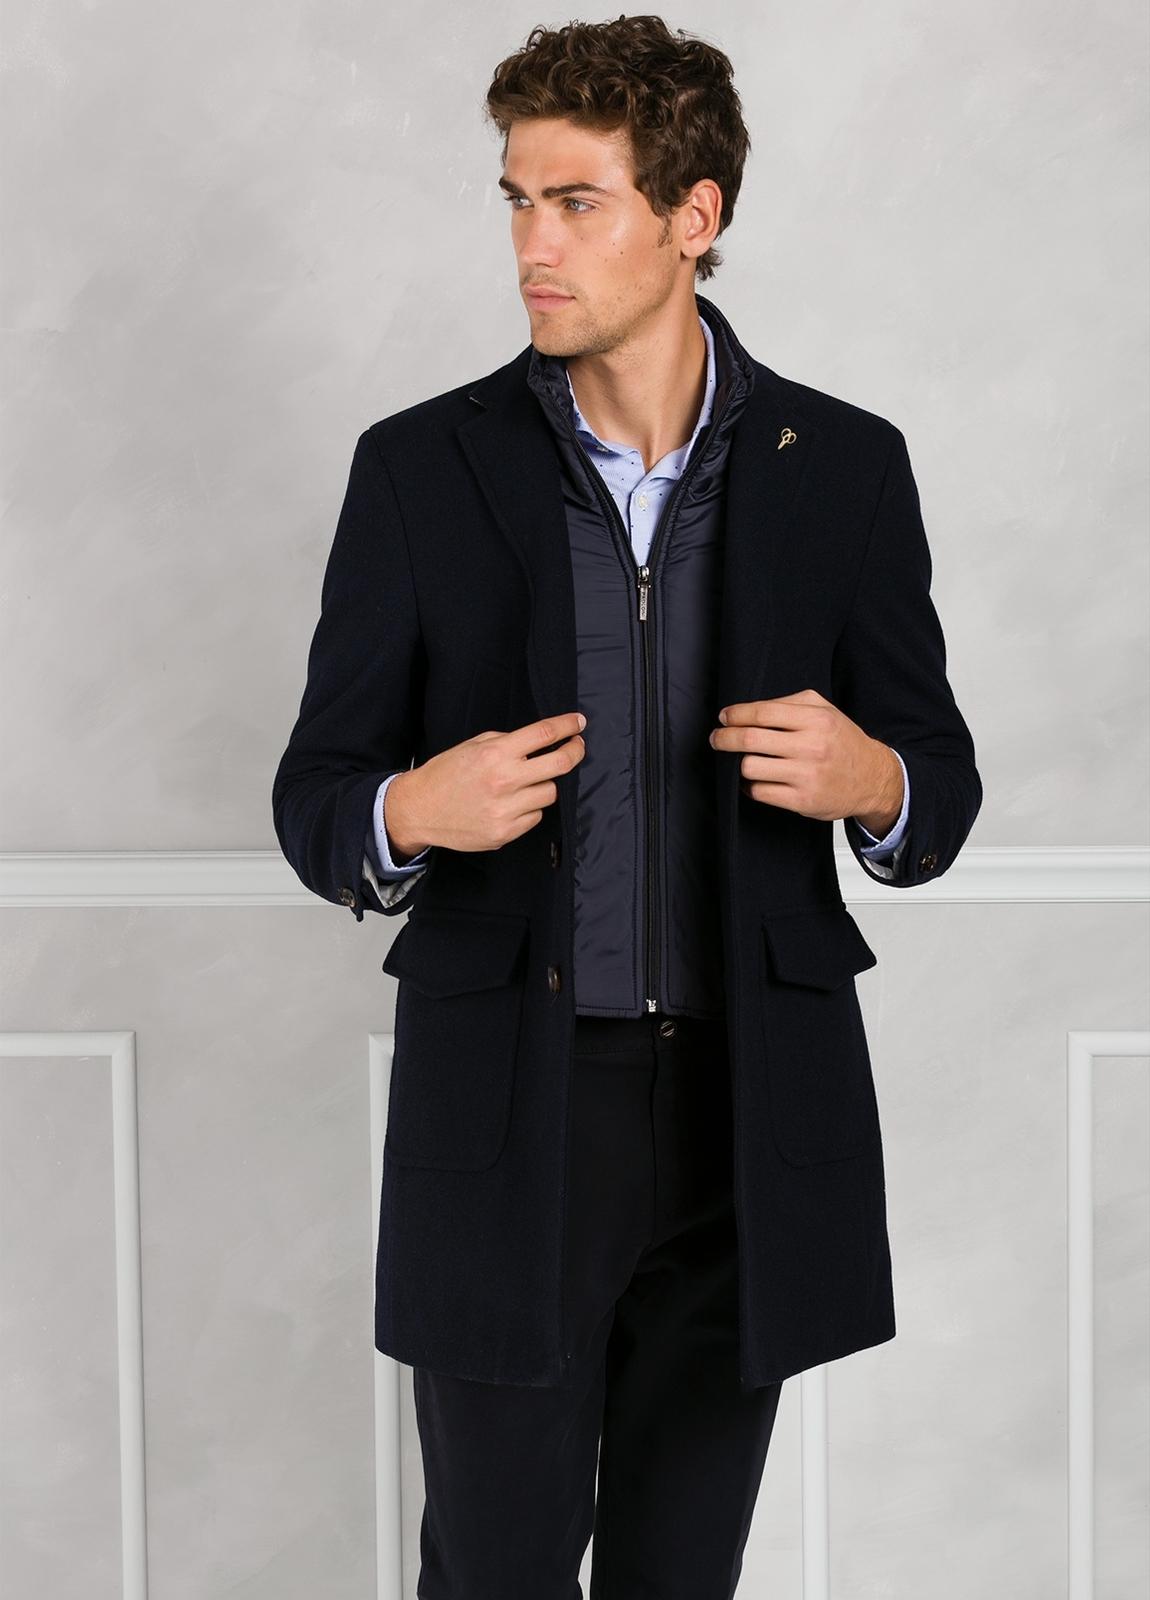 Abrigo tres botones color azul marino con pecherín interior. 65% Lana 30% Poliamida 5% fibras. - Ítem3